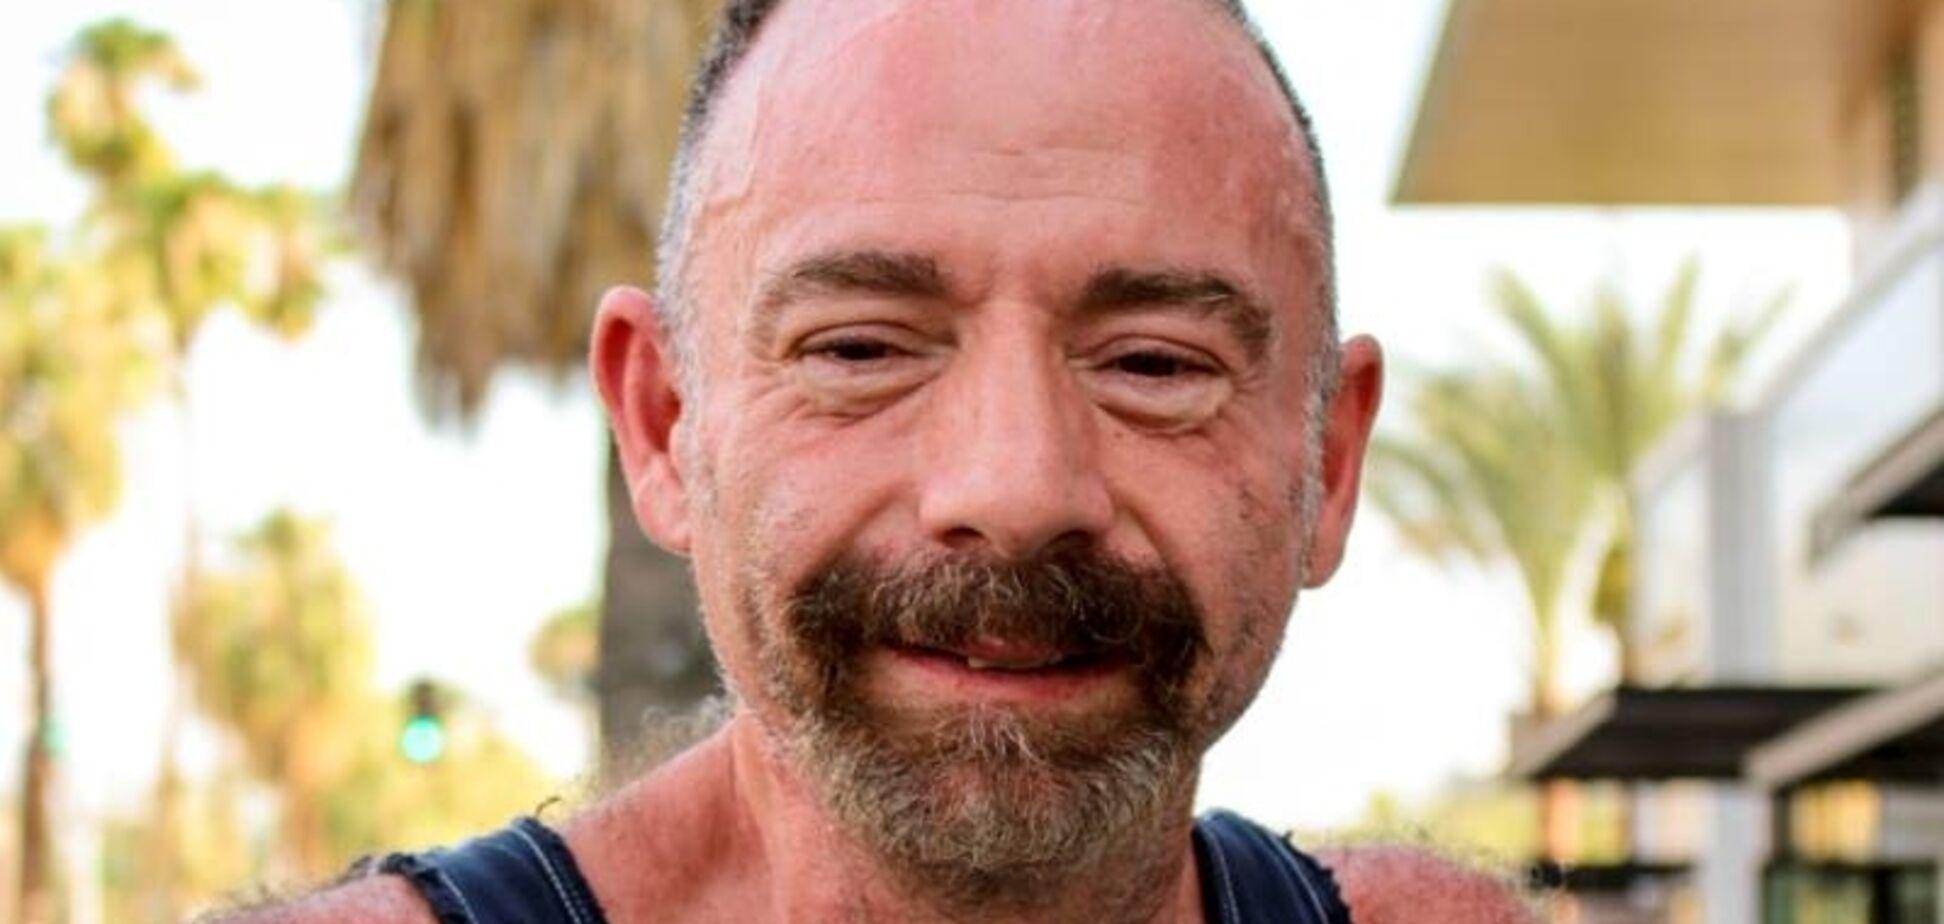 Первый в мире пациент, победивший ВИЧ, умер от лейкемии